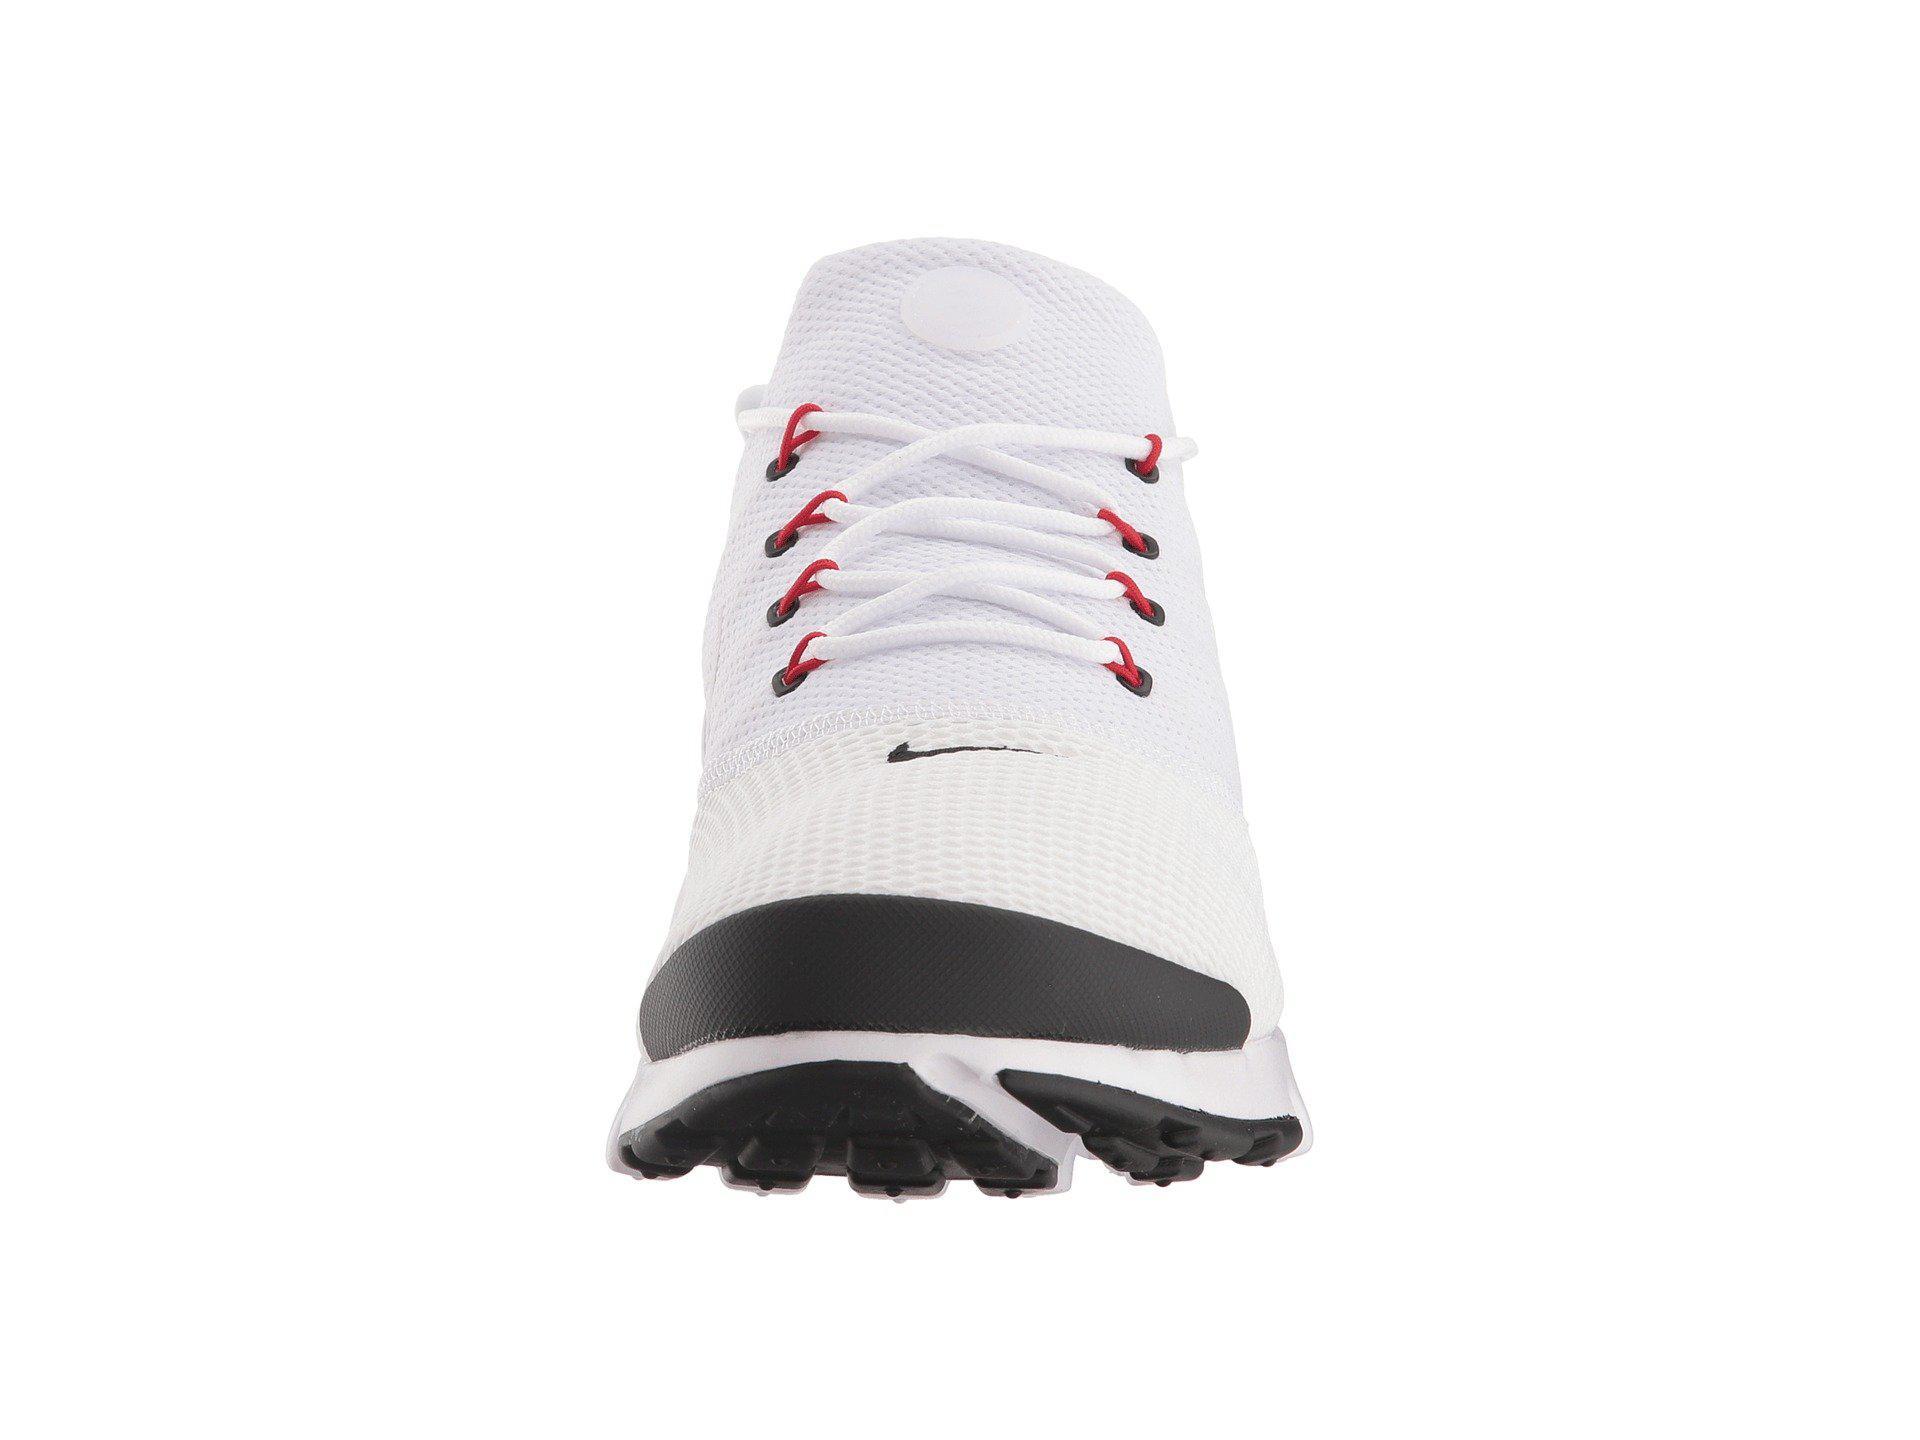 eab3bf04da79 Nike - White Presto Fly for Men - Lyst. View fullscreen